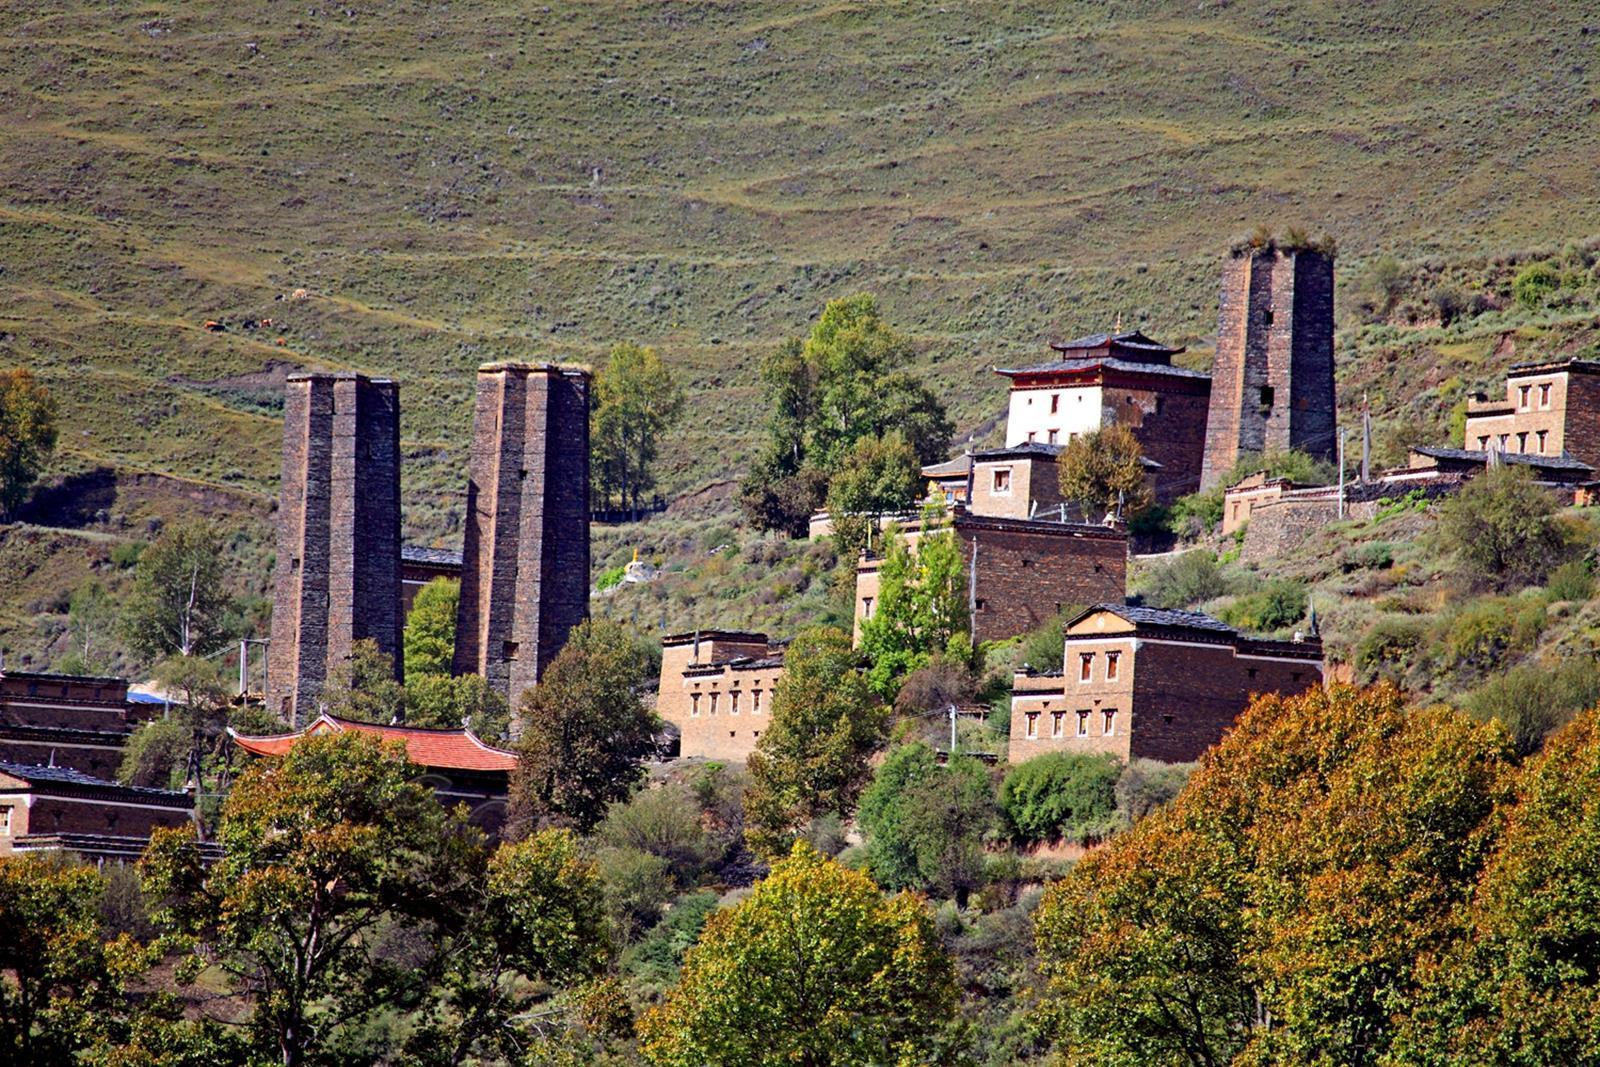 藏寨与古碉相依相存